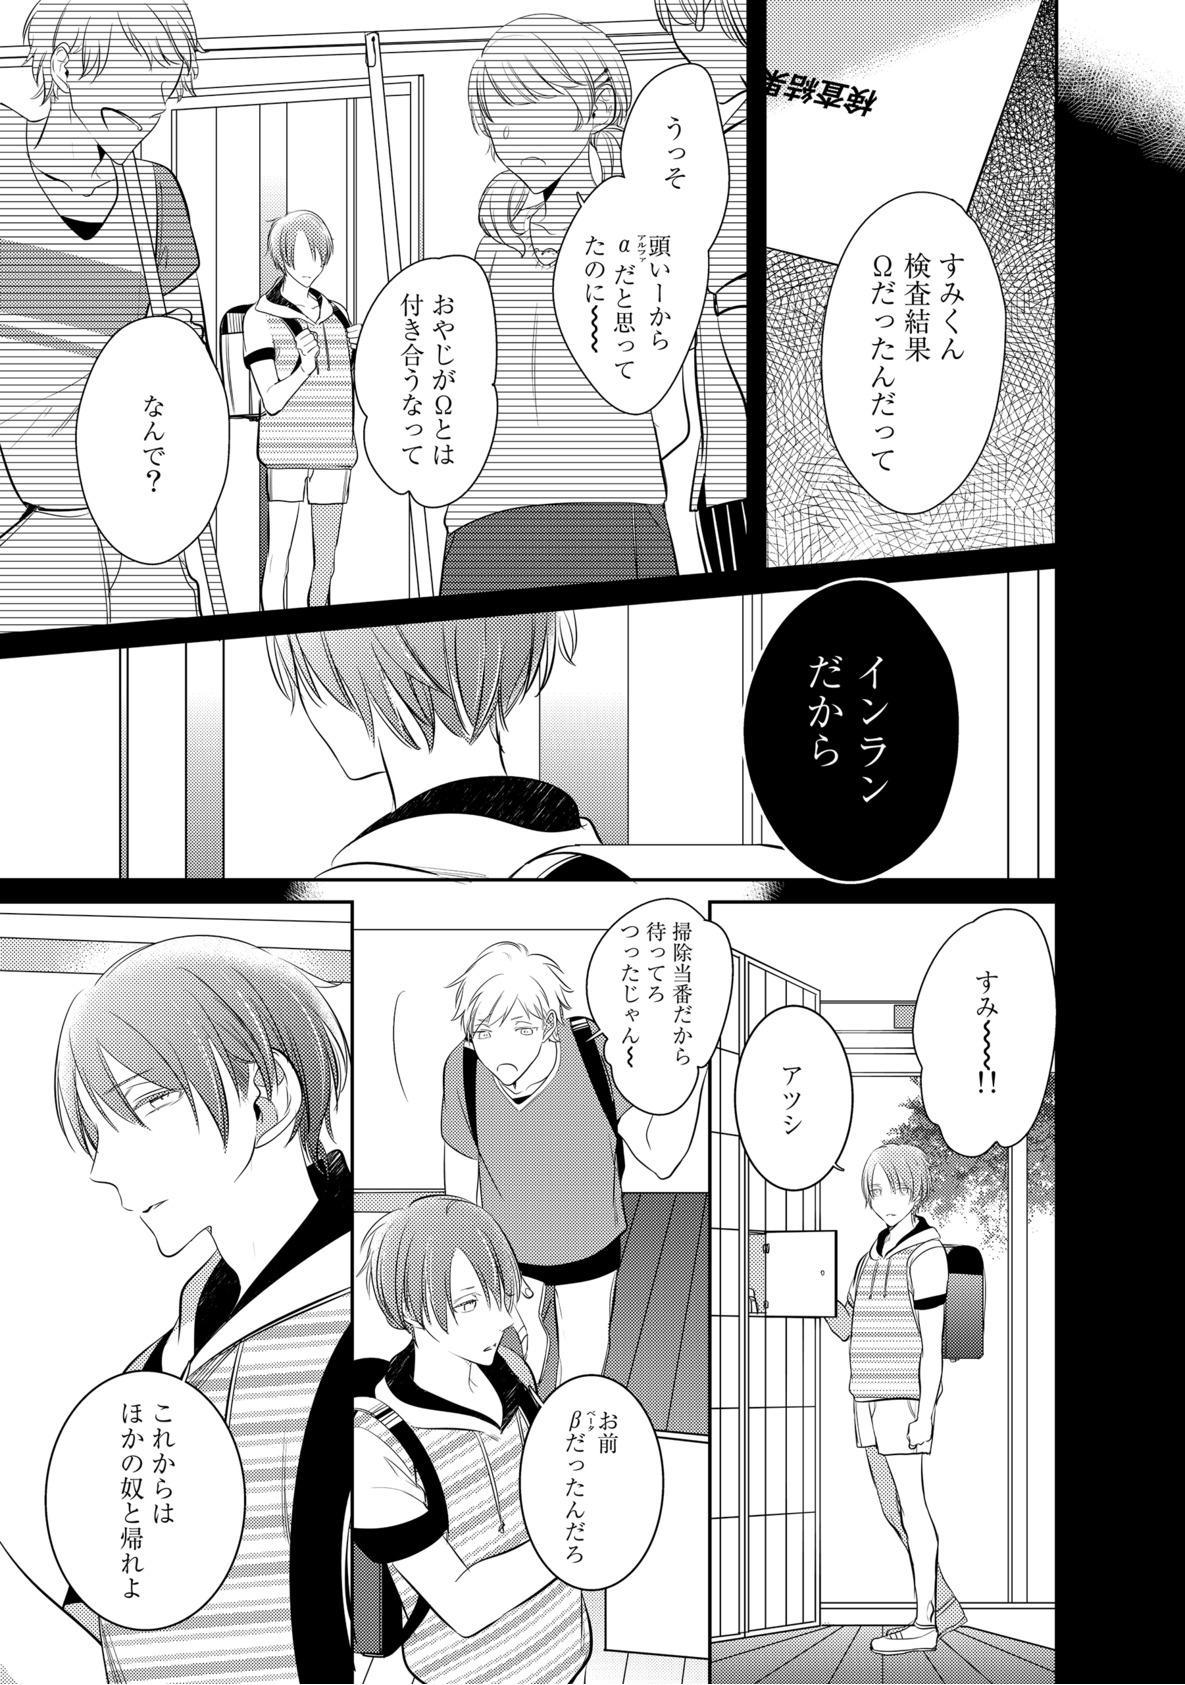 Kurui Naku no wa Boku no Ban ~ vol.2 38